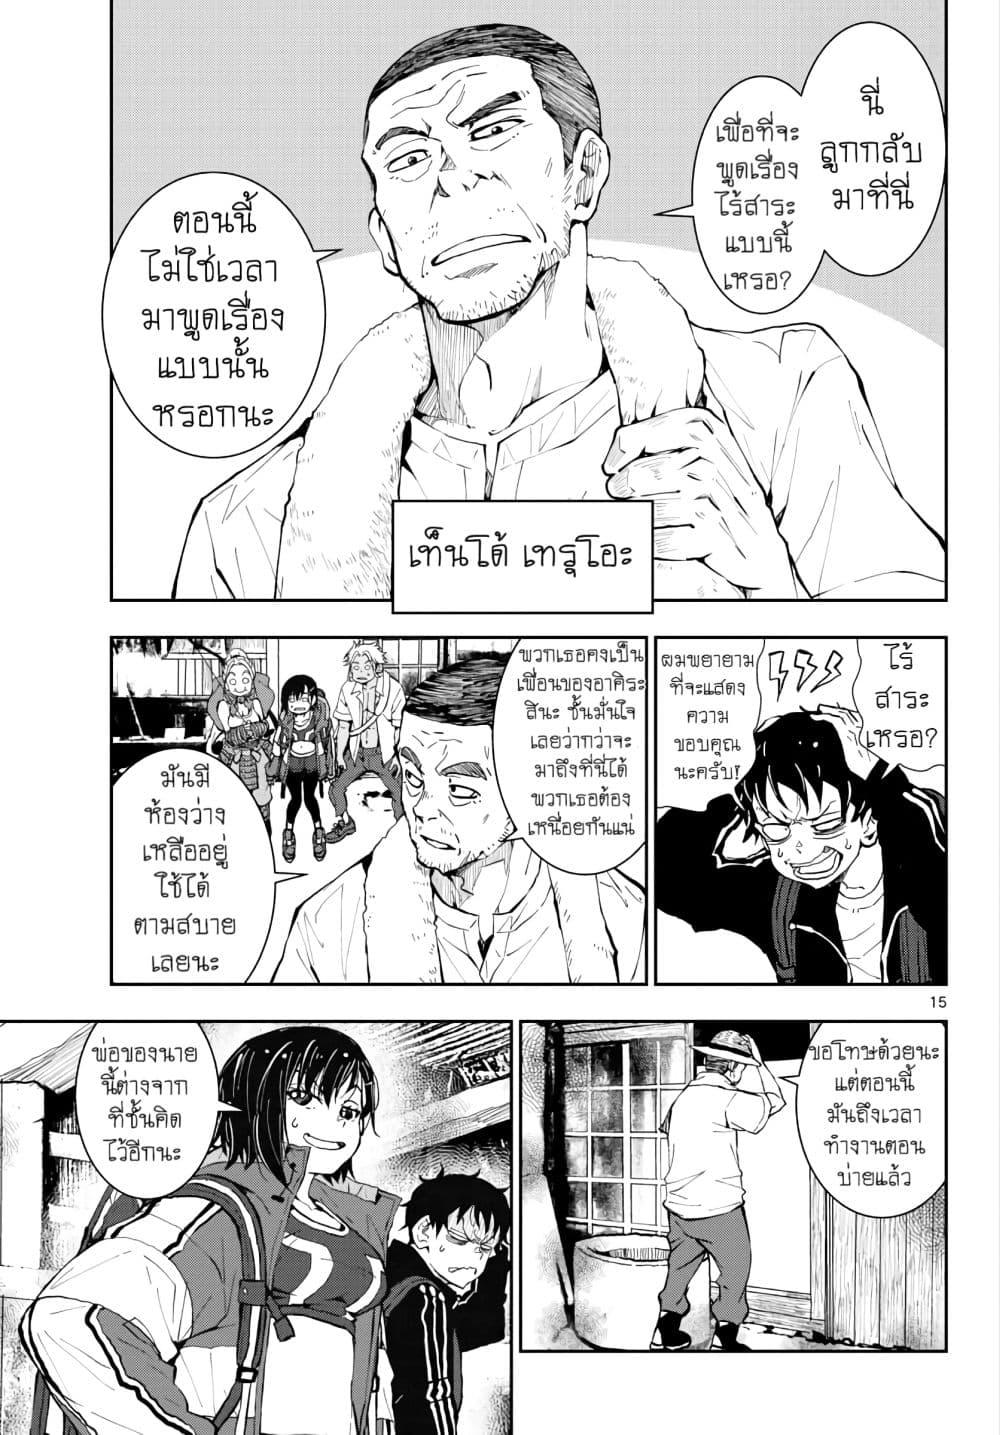 อ่านการ์ตูน Zombie 100 Zombie Ni Naru Made Ni Shitai 100 no koto ตอนที่ 15 หน้าที่ 14